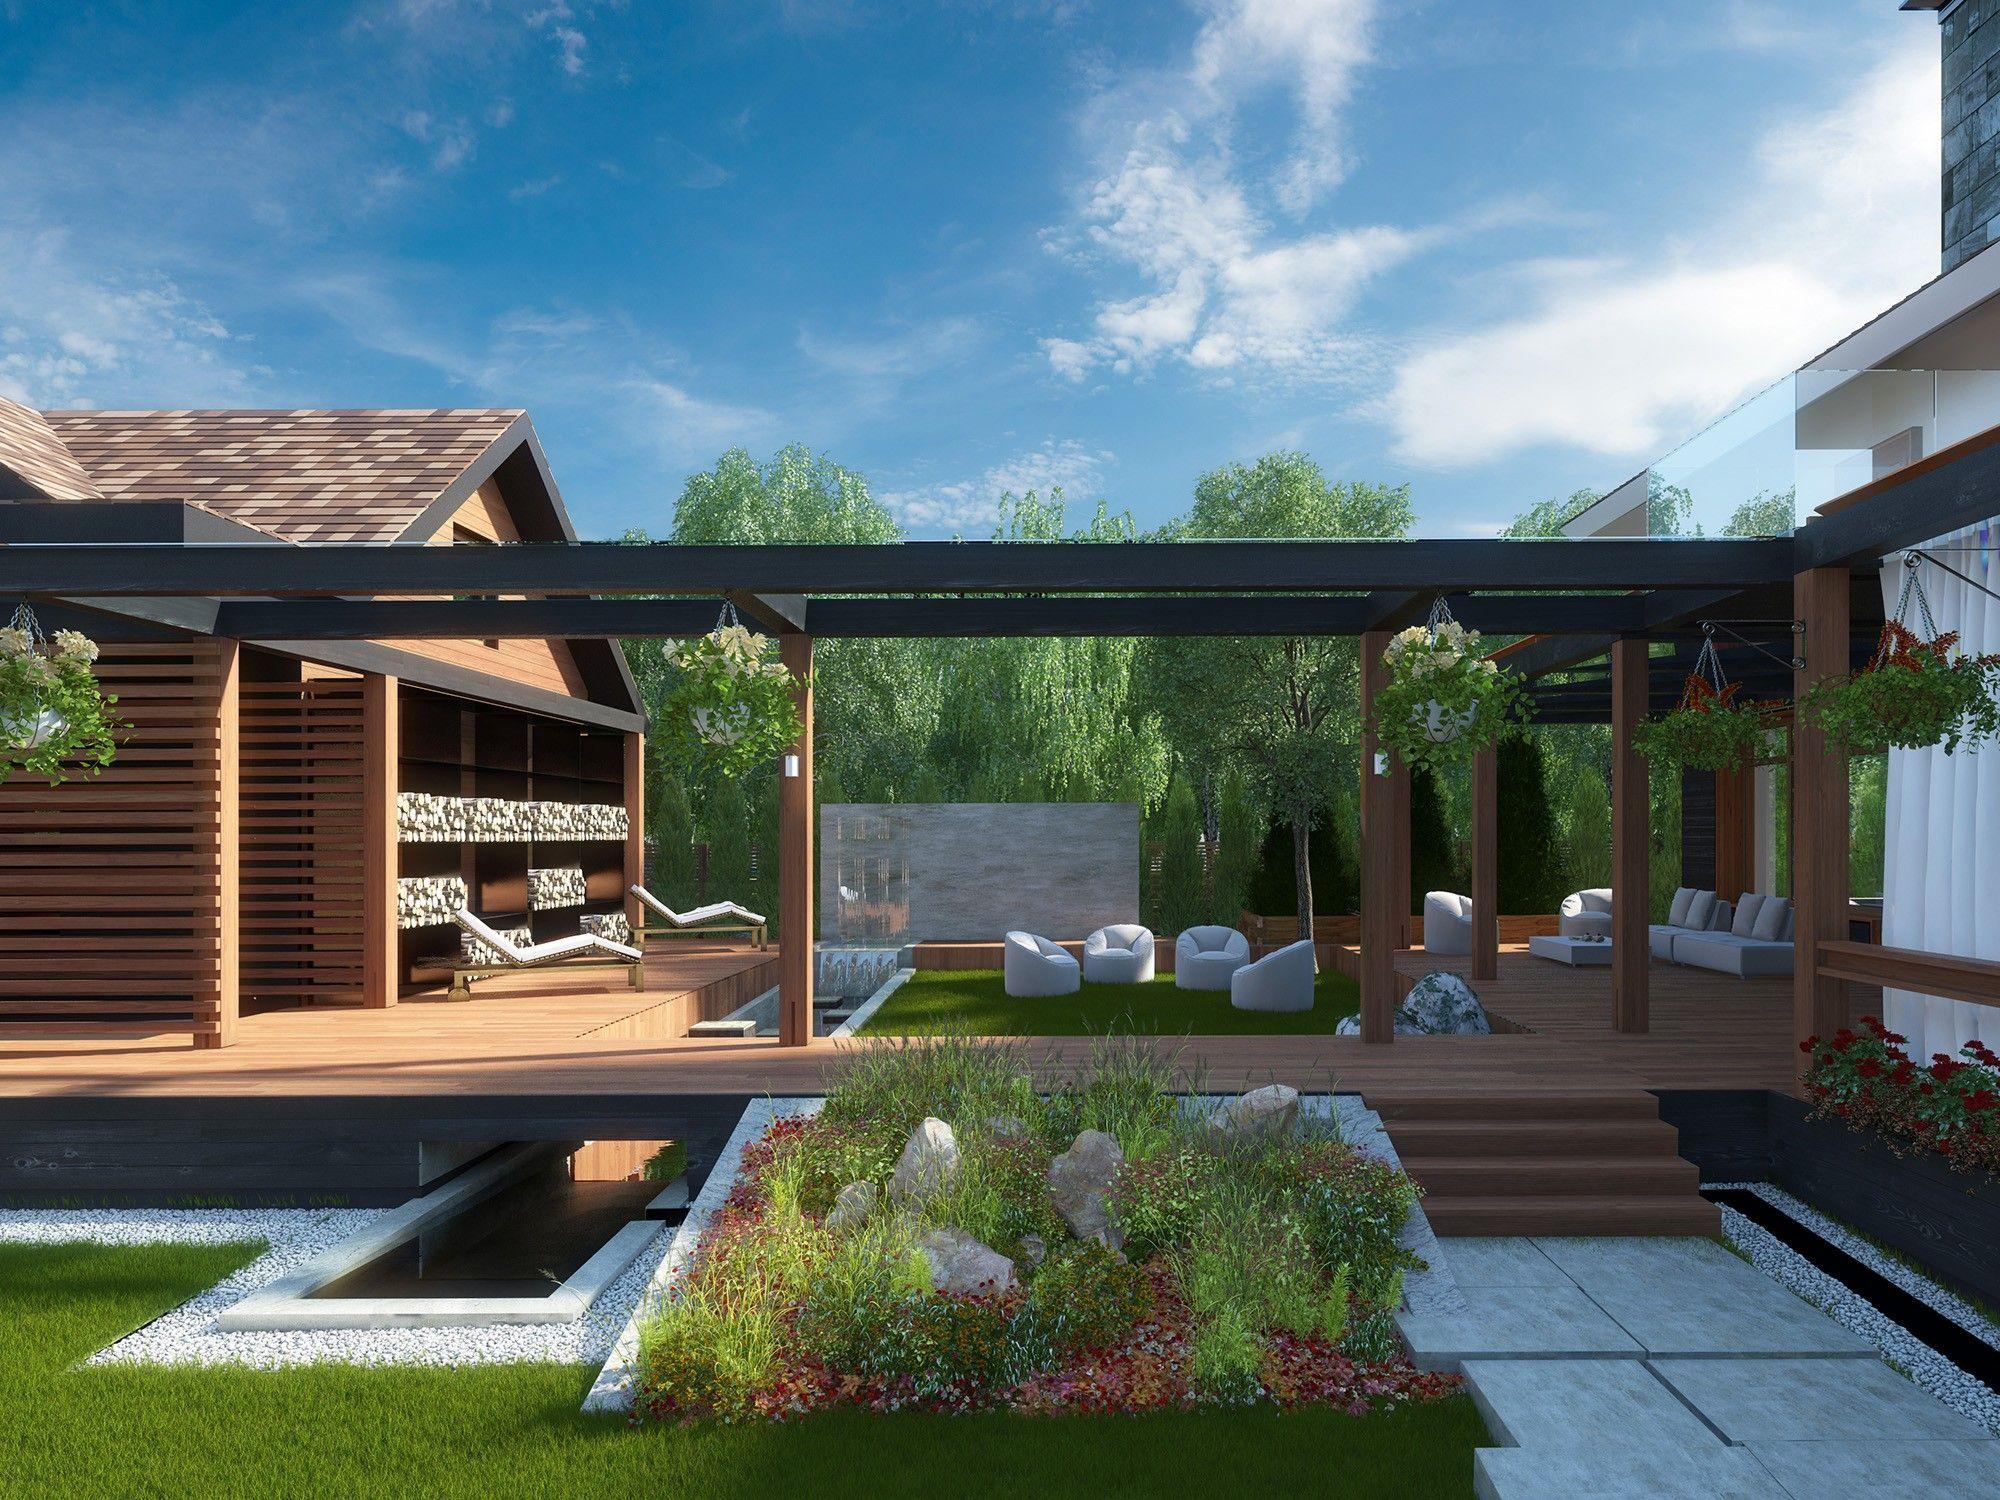 Архитектурный проект дома с благоустройством территории